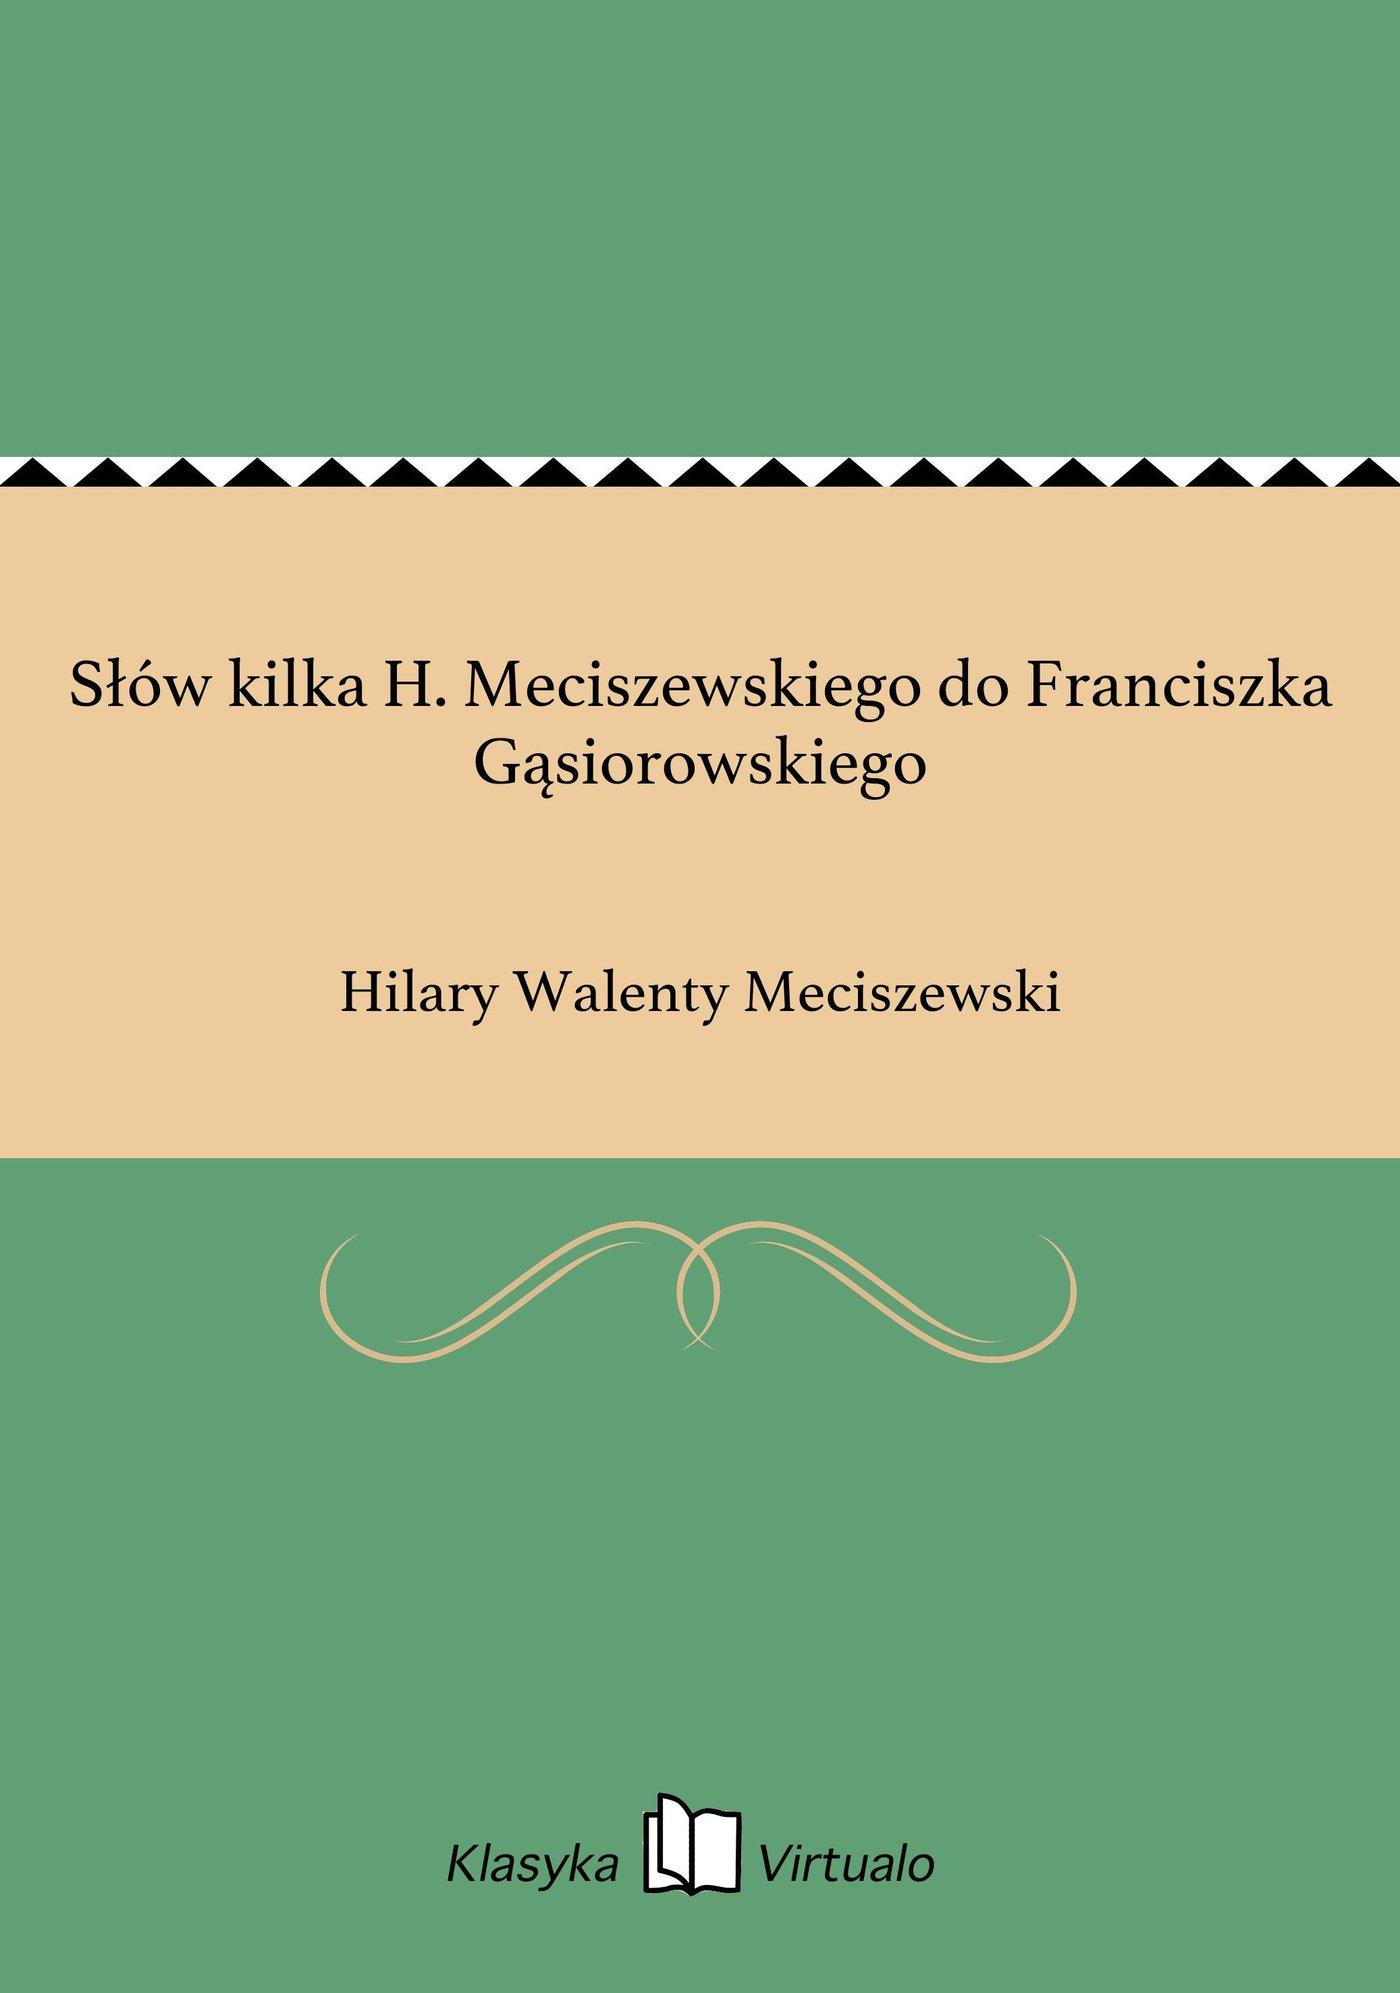 Słów kilka H. Meciszewskiego do Franciszka Gąsiorowskiego - Ebook (Książka na Kindle) do pobrania w formacie MOBI